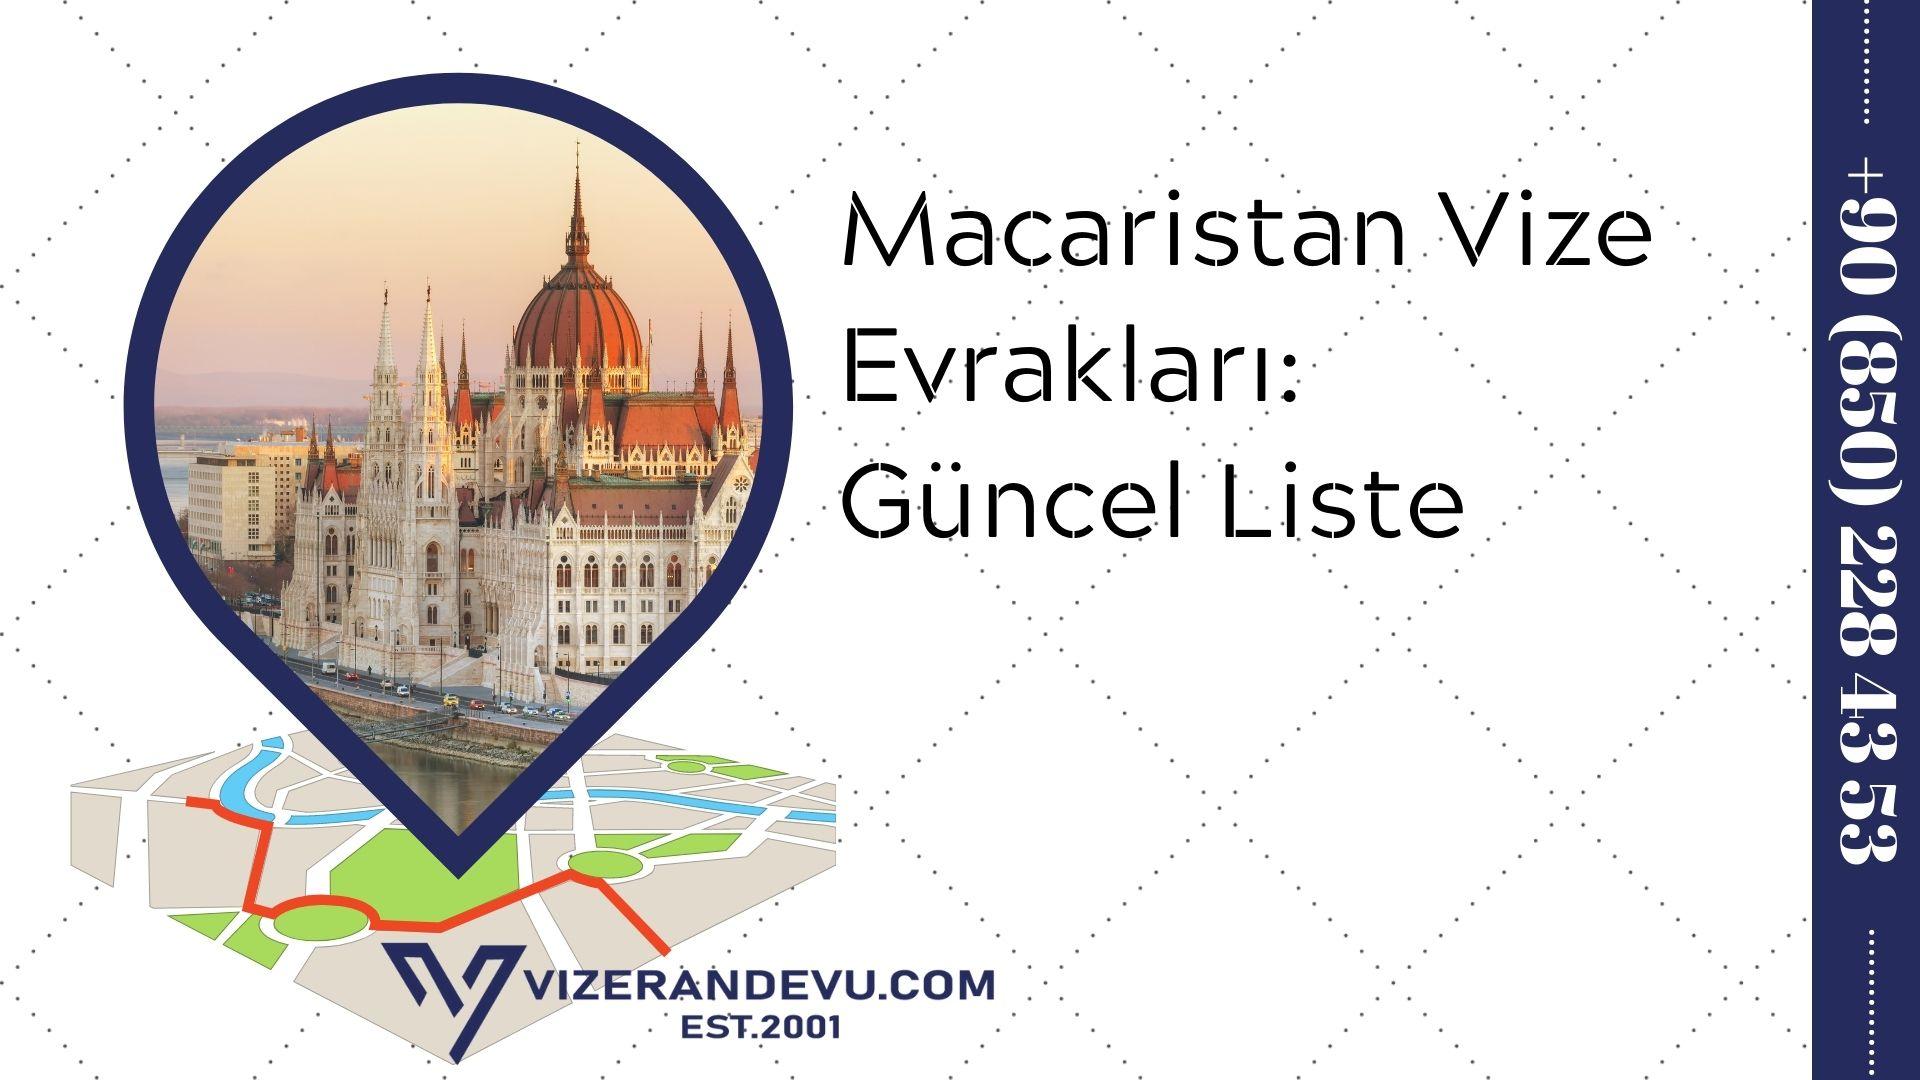 Macaristan Vize Evrakları: Güncel Liste 2021